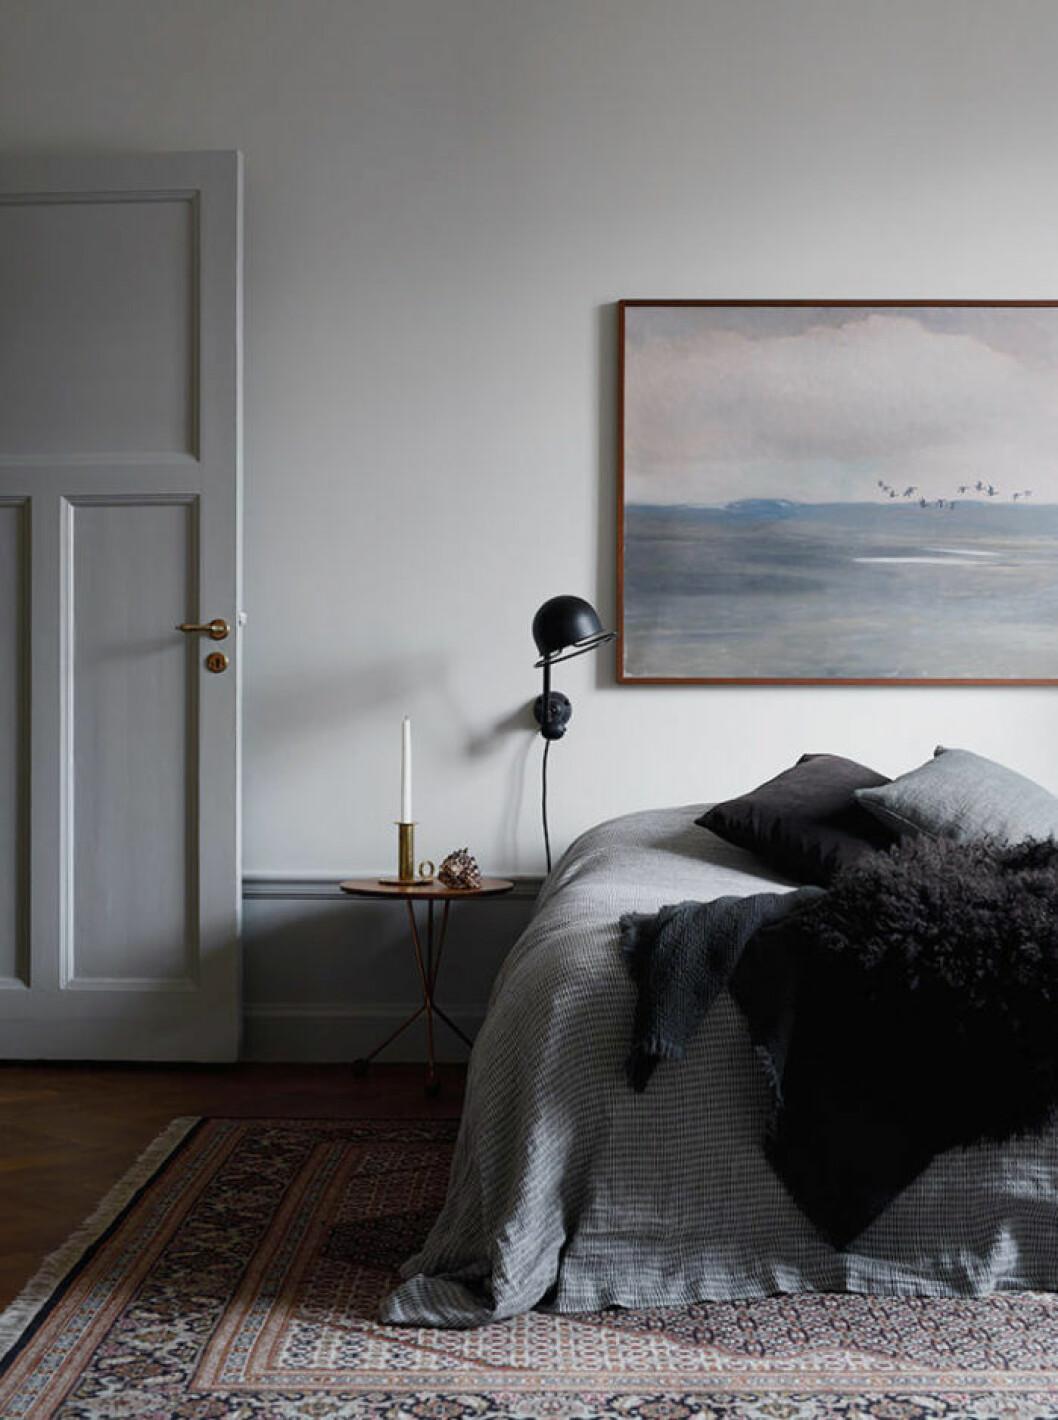 Sovrum med tavla föreställande öppet hav med fåglar